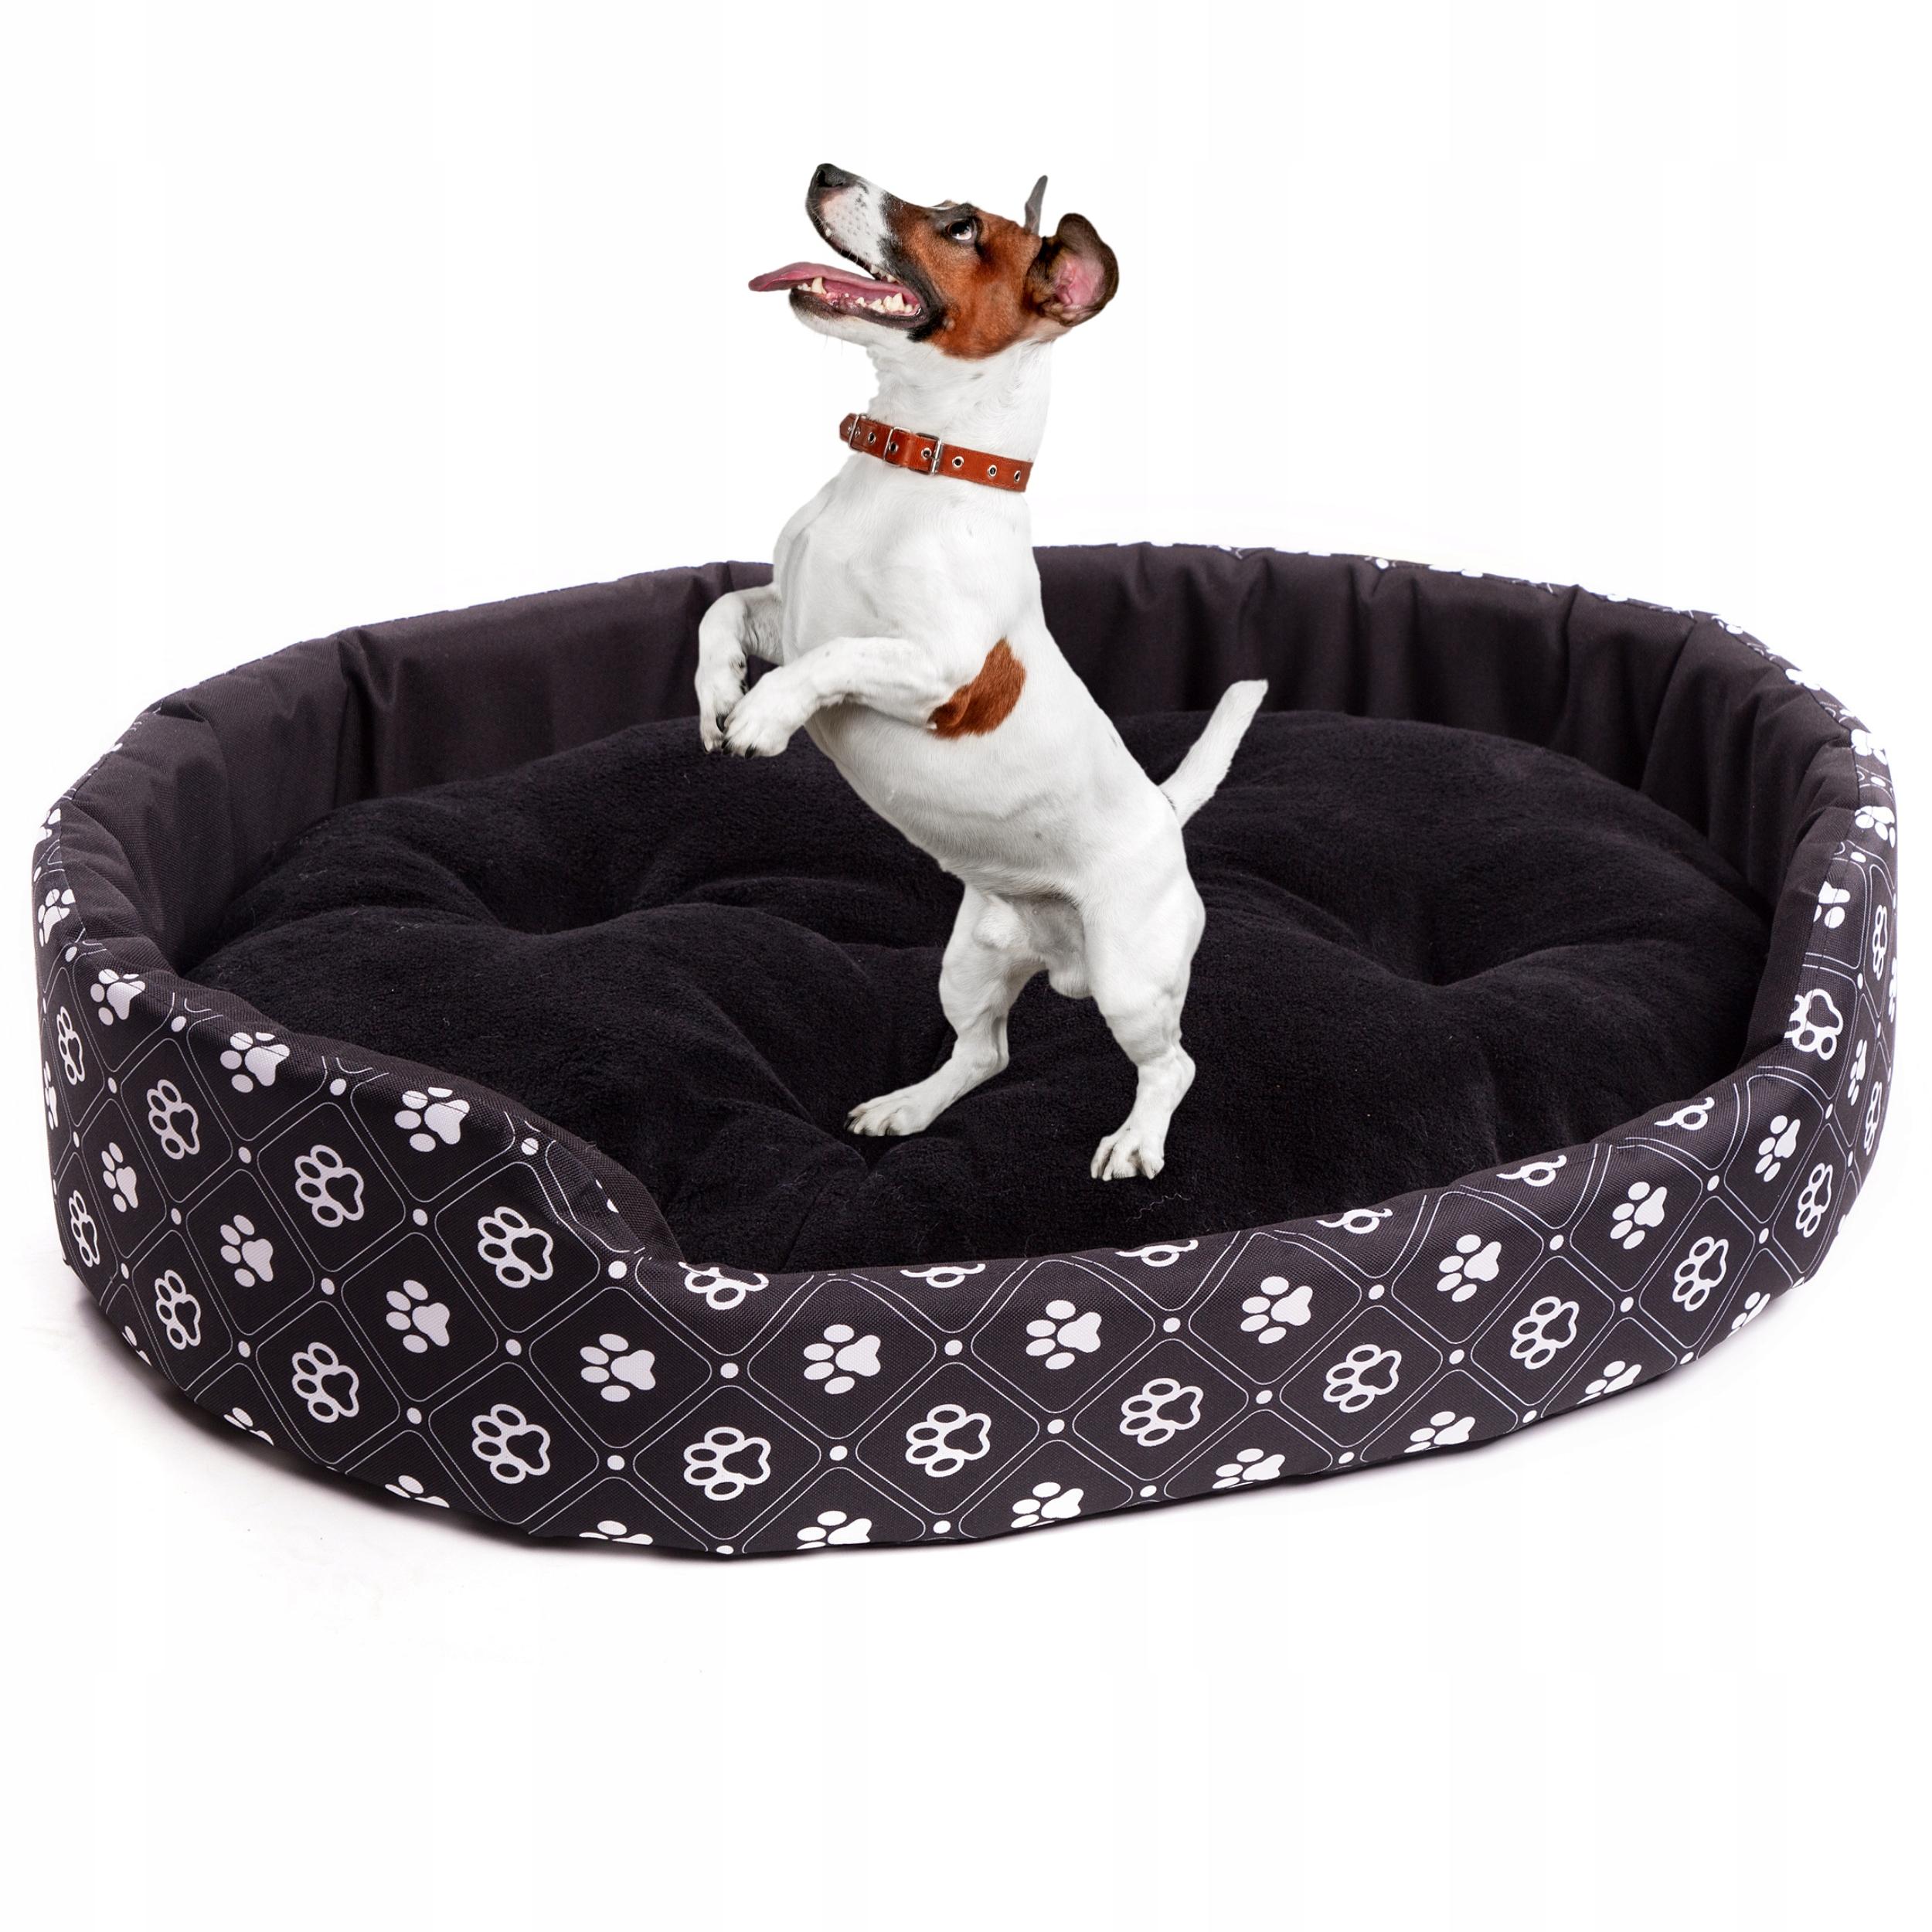 CAT DOG ПОДУШКА ПОДУШКА 70x60 см